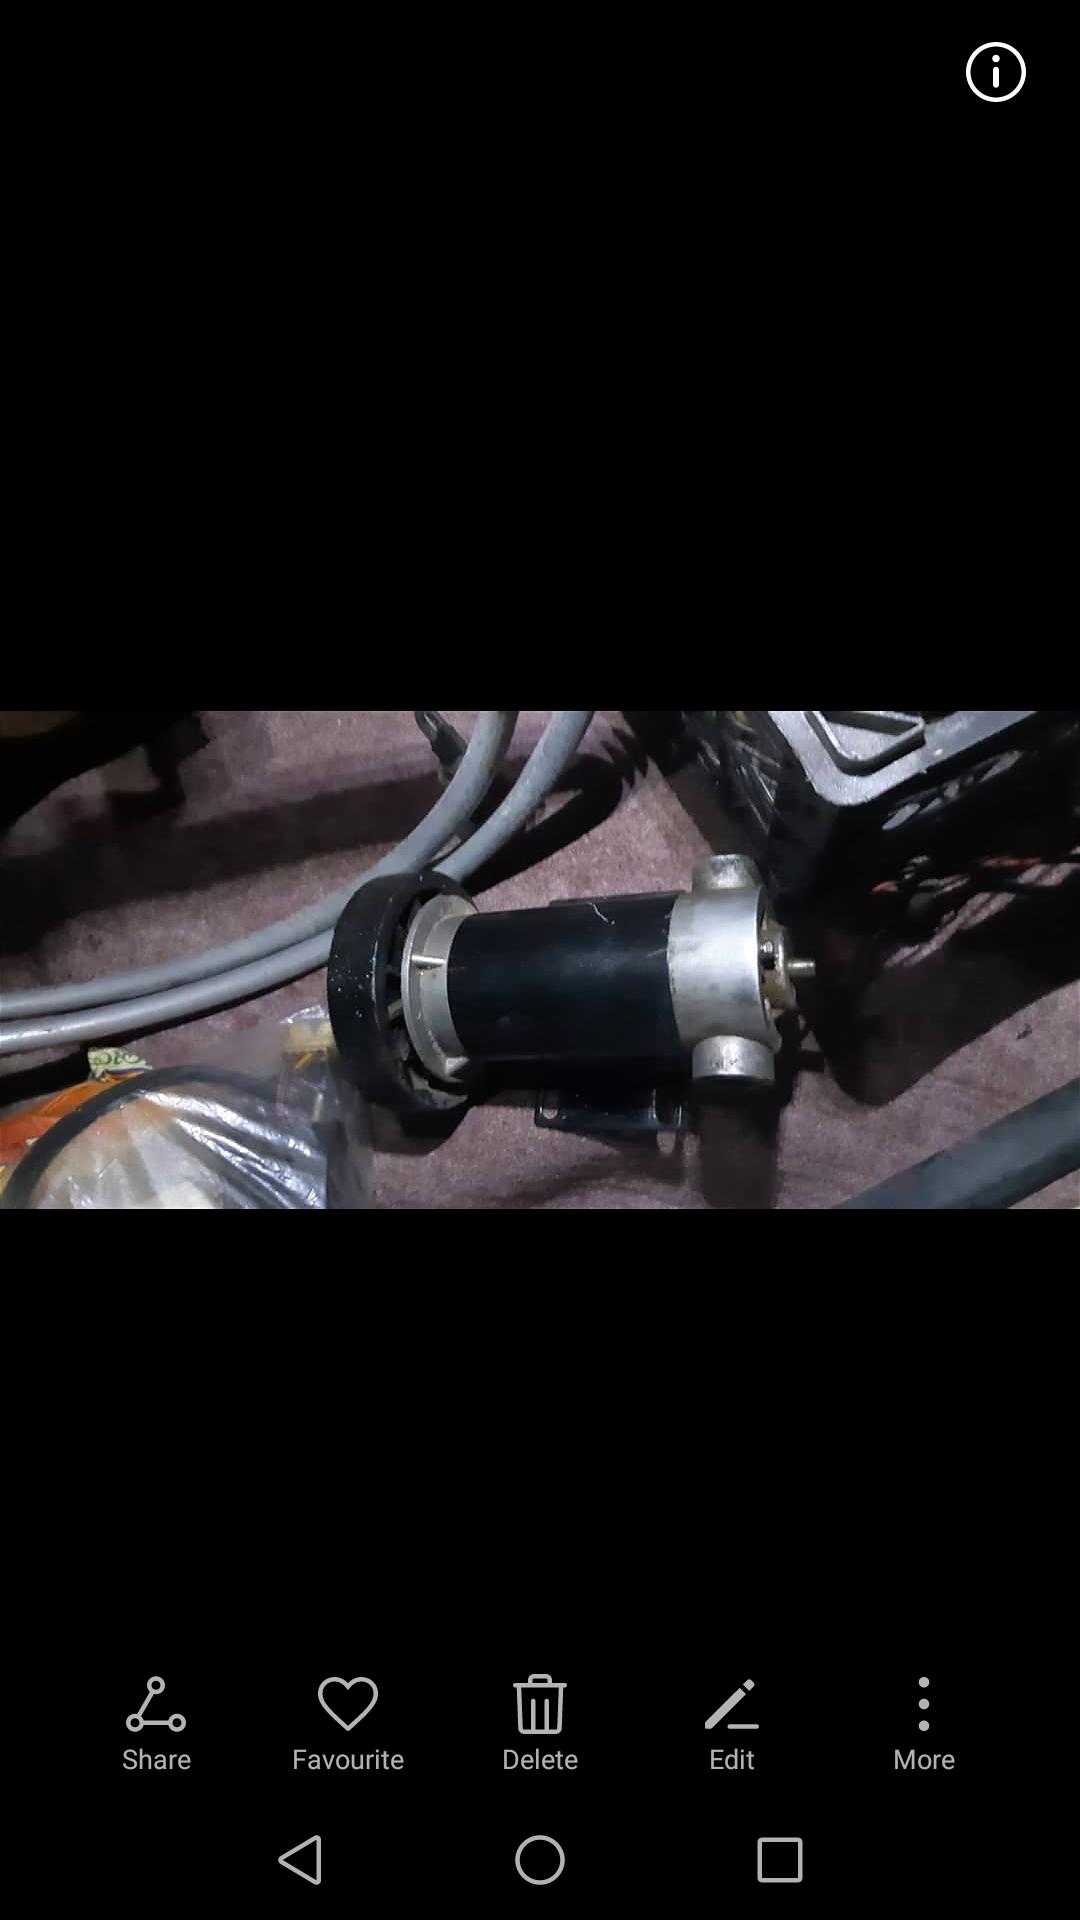 فروش موتور تردمیل